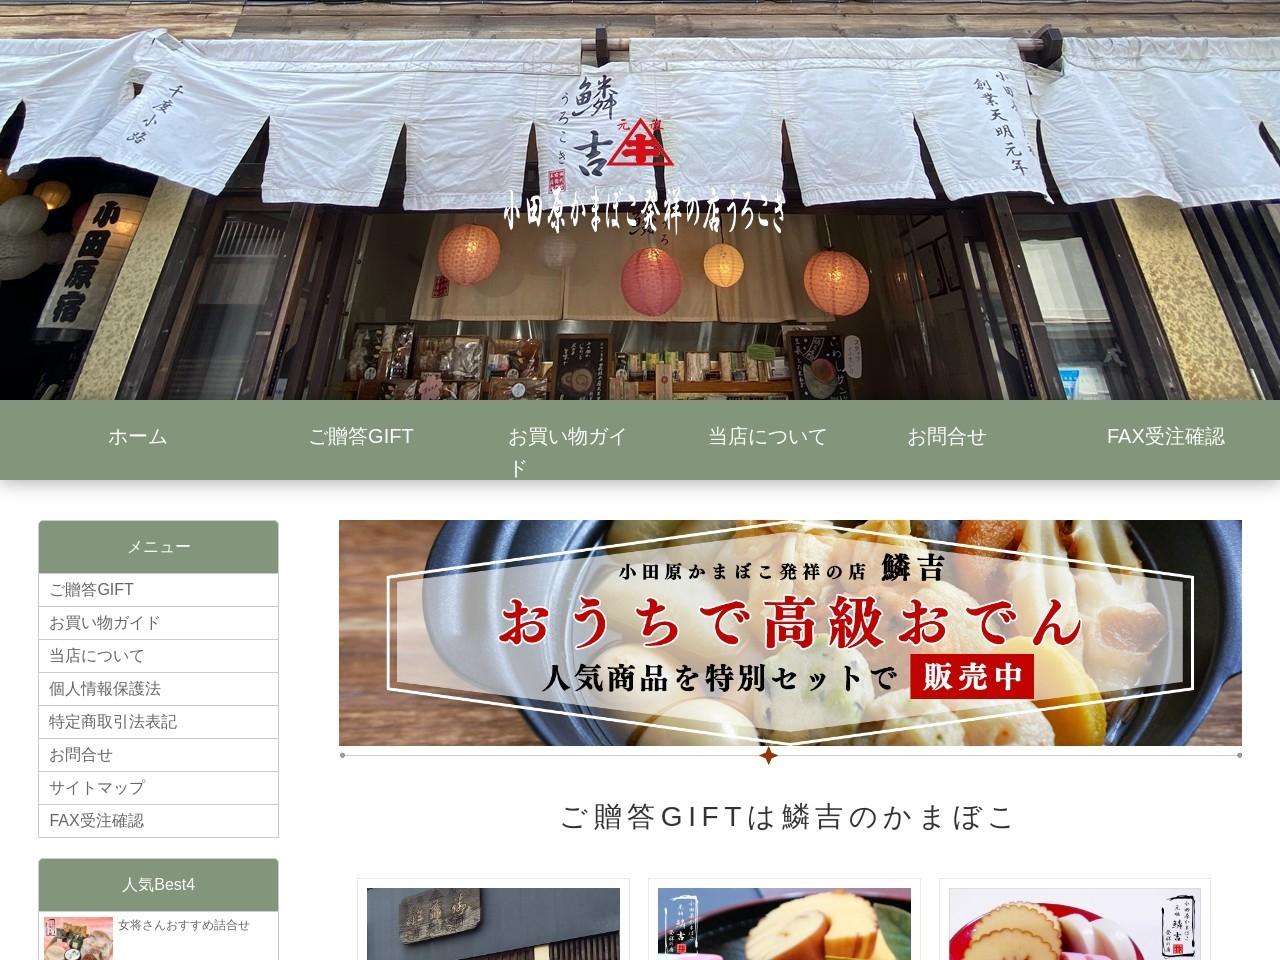 小田原かまぼこ|元祖鱗吉(うろこき)公式オンラインショップ